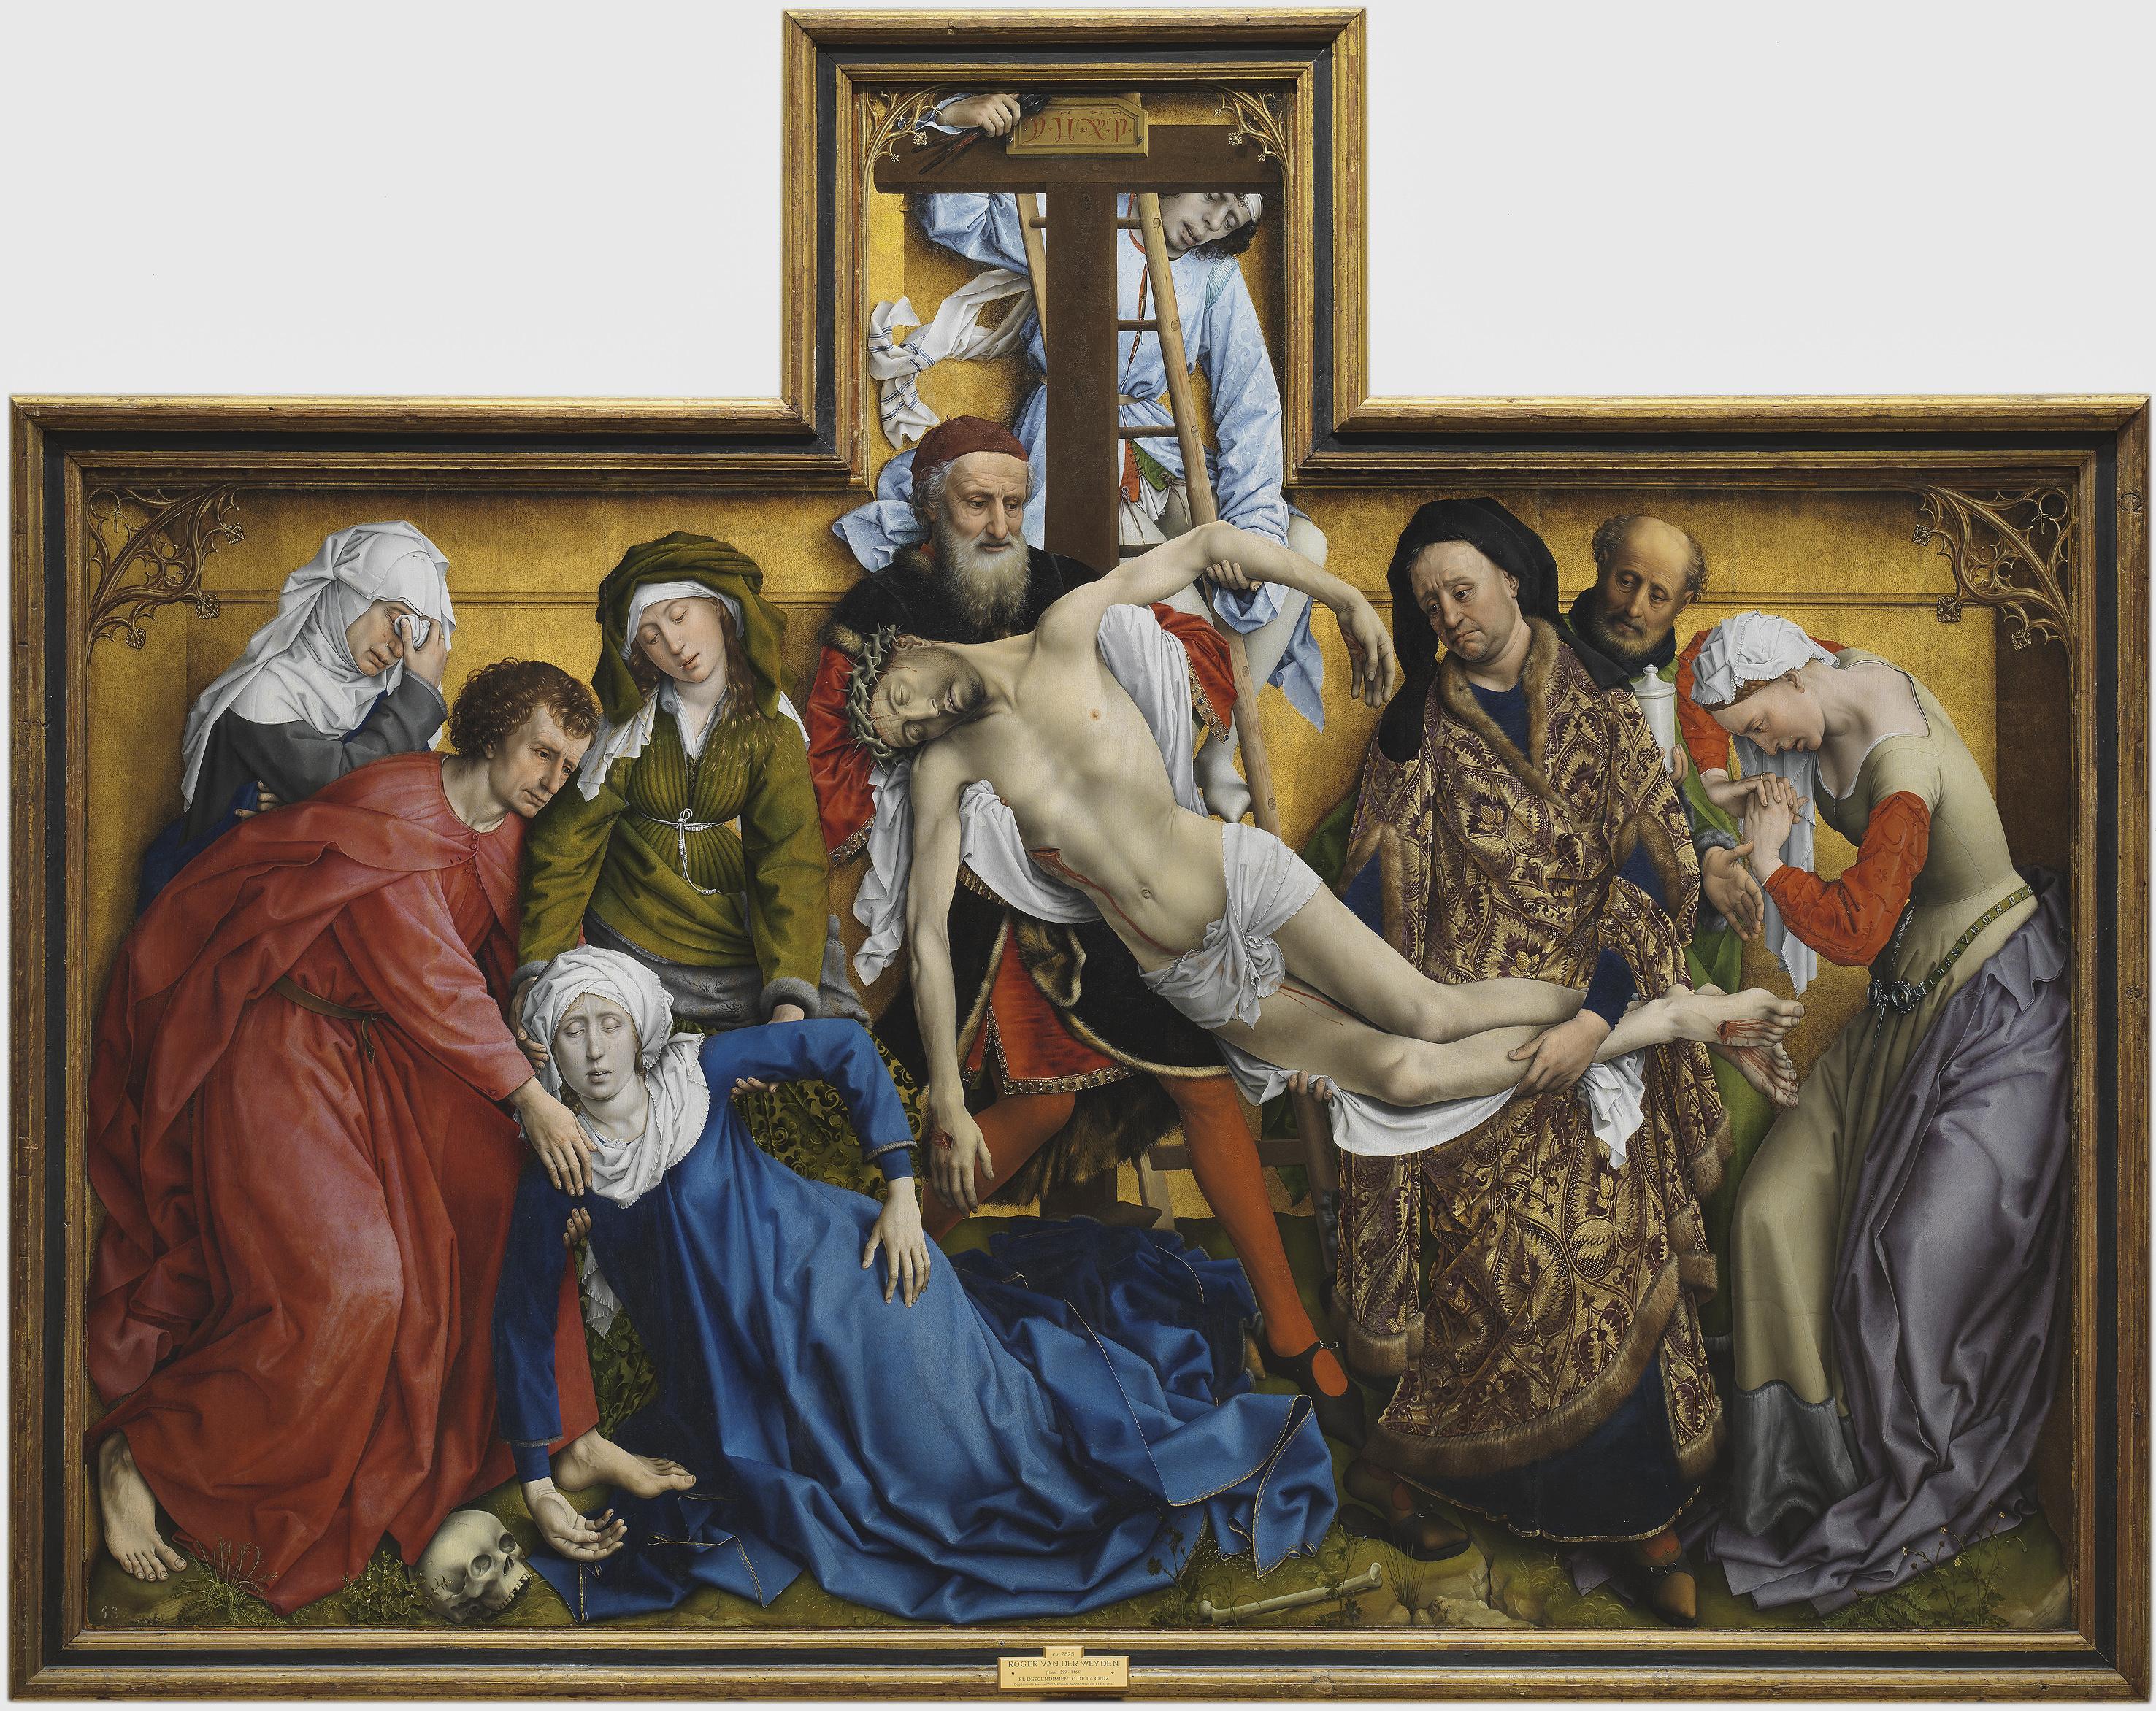 Rogier van der Weyden, Zdjęcie z krzyża, ok. 1435, jedno z arcydzieł Muzeum Narodowego Prado, źródło: WikiCommons